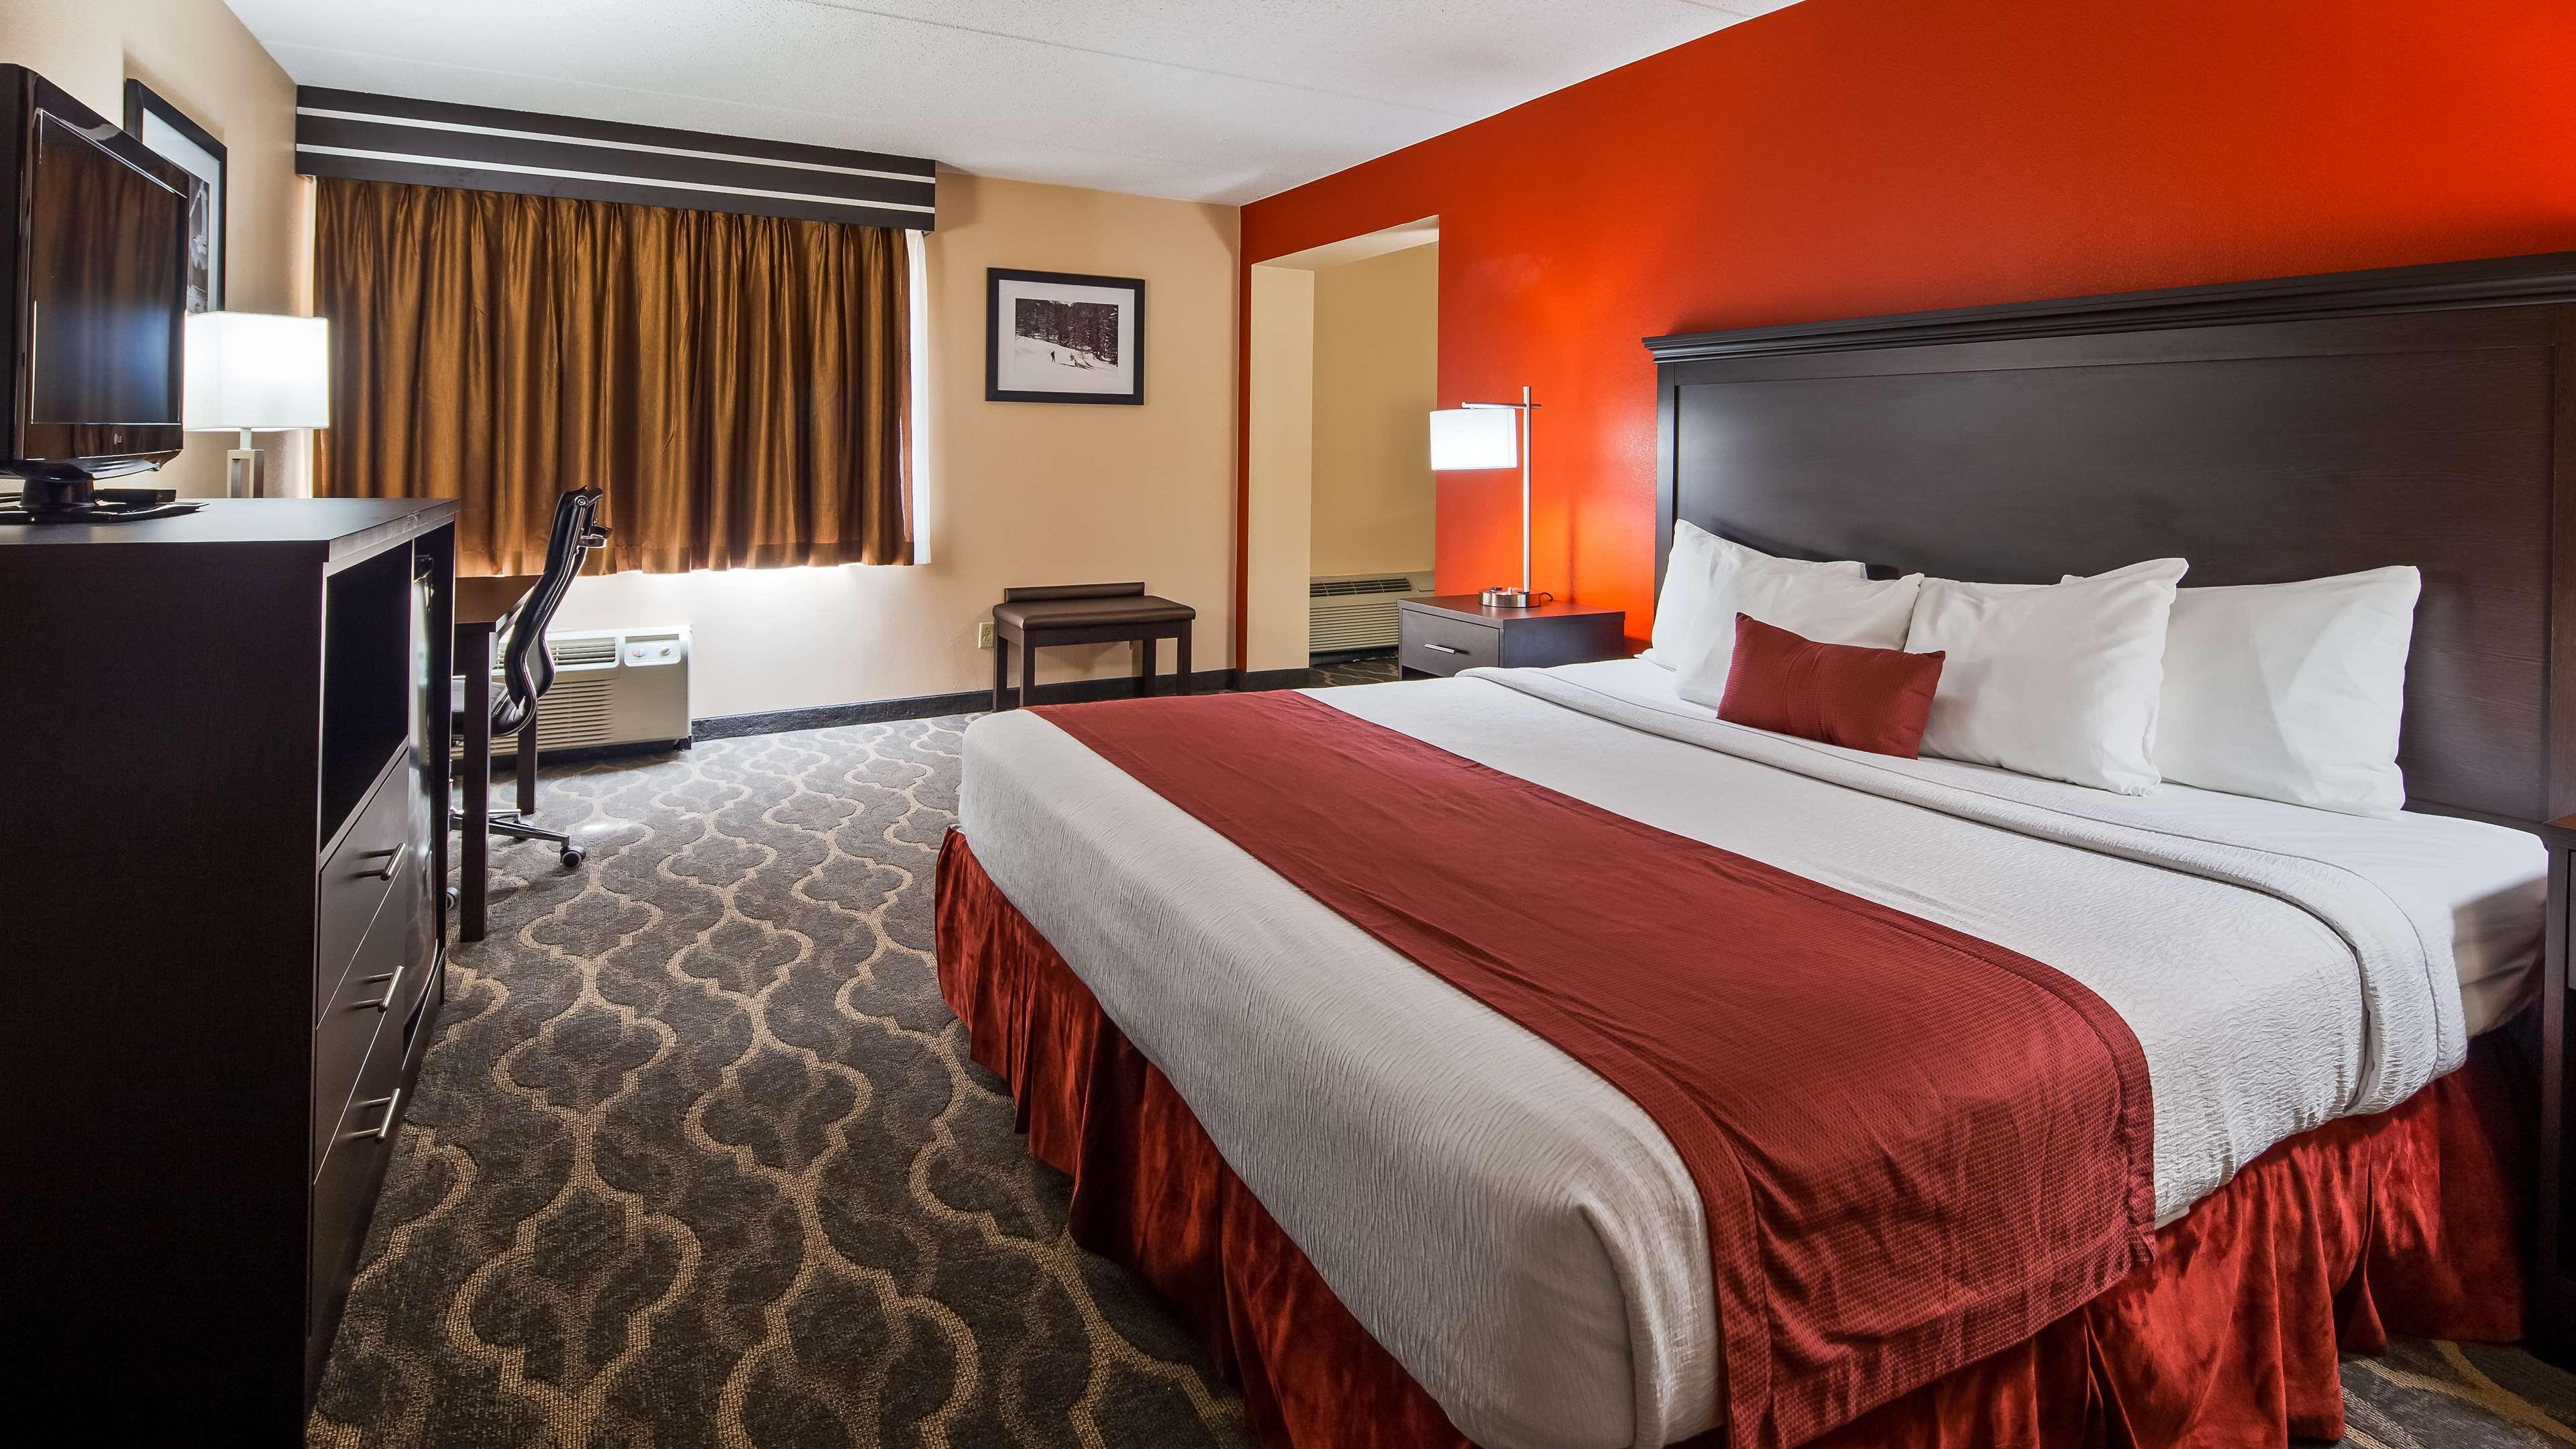 Best Western Inn at Blakeslee-Pocono image 14